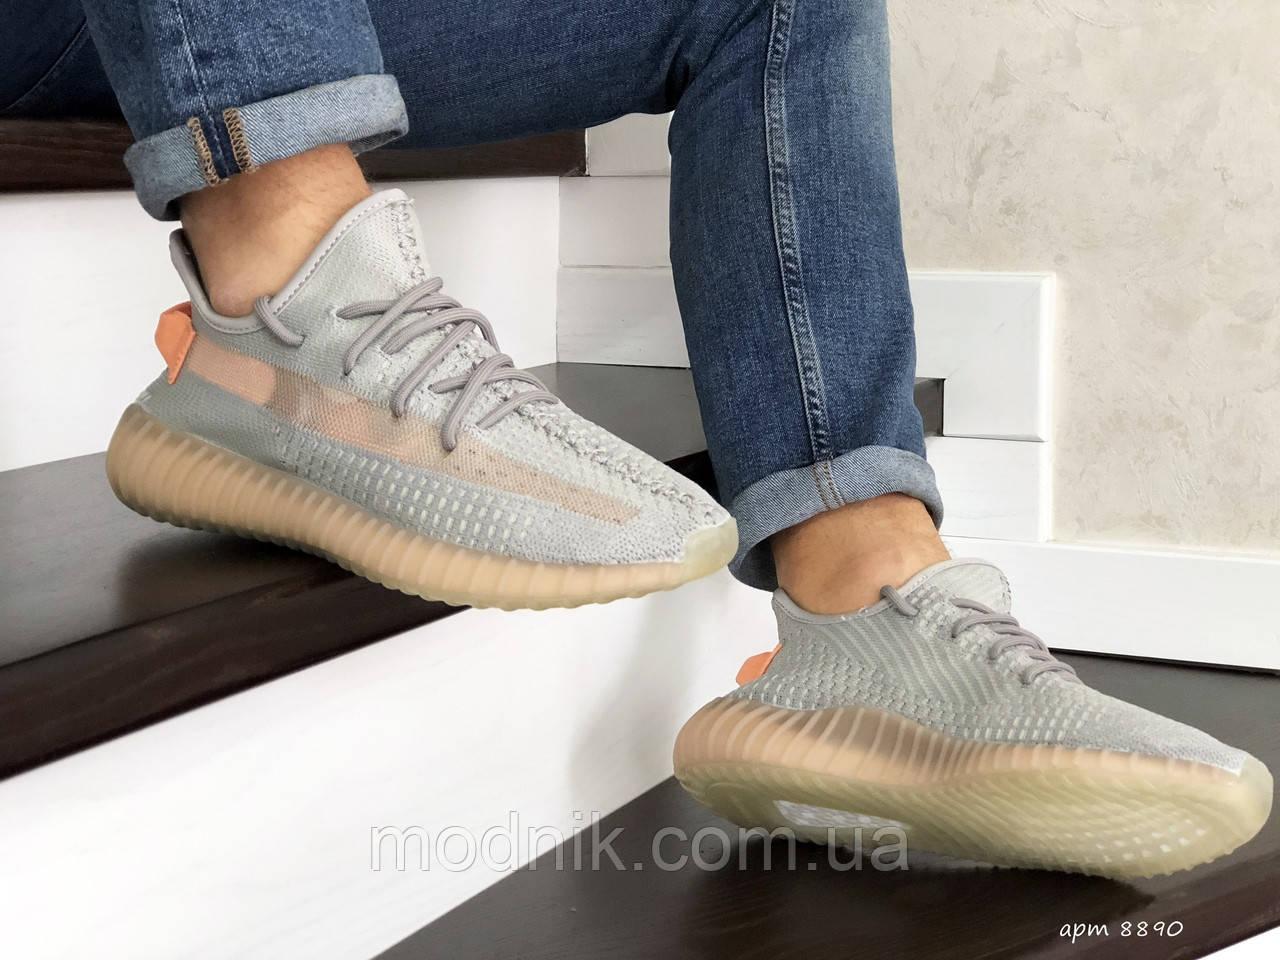 Мужские кроссовки Adidas x Yeezy Boost (серо-персиковые)